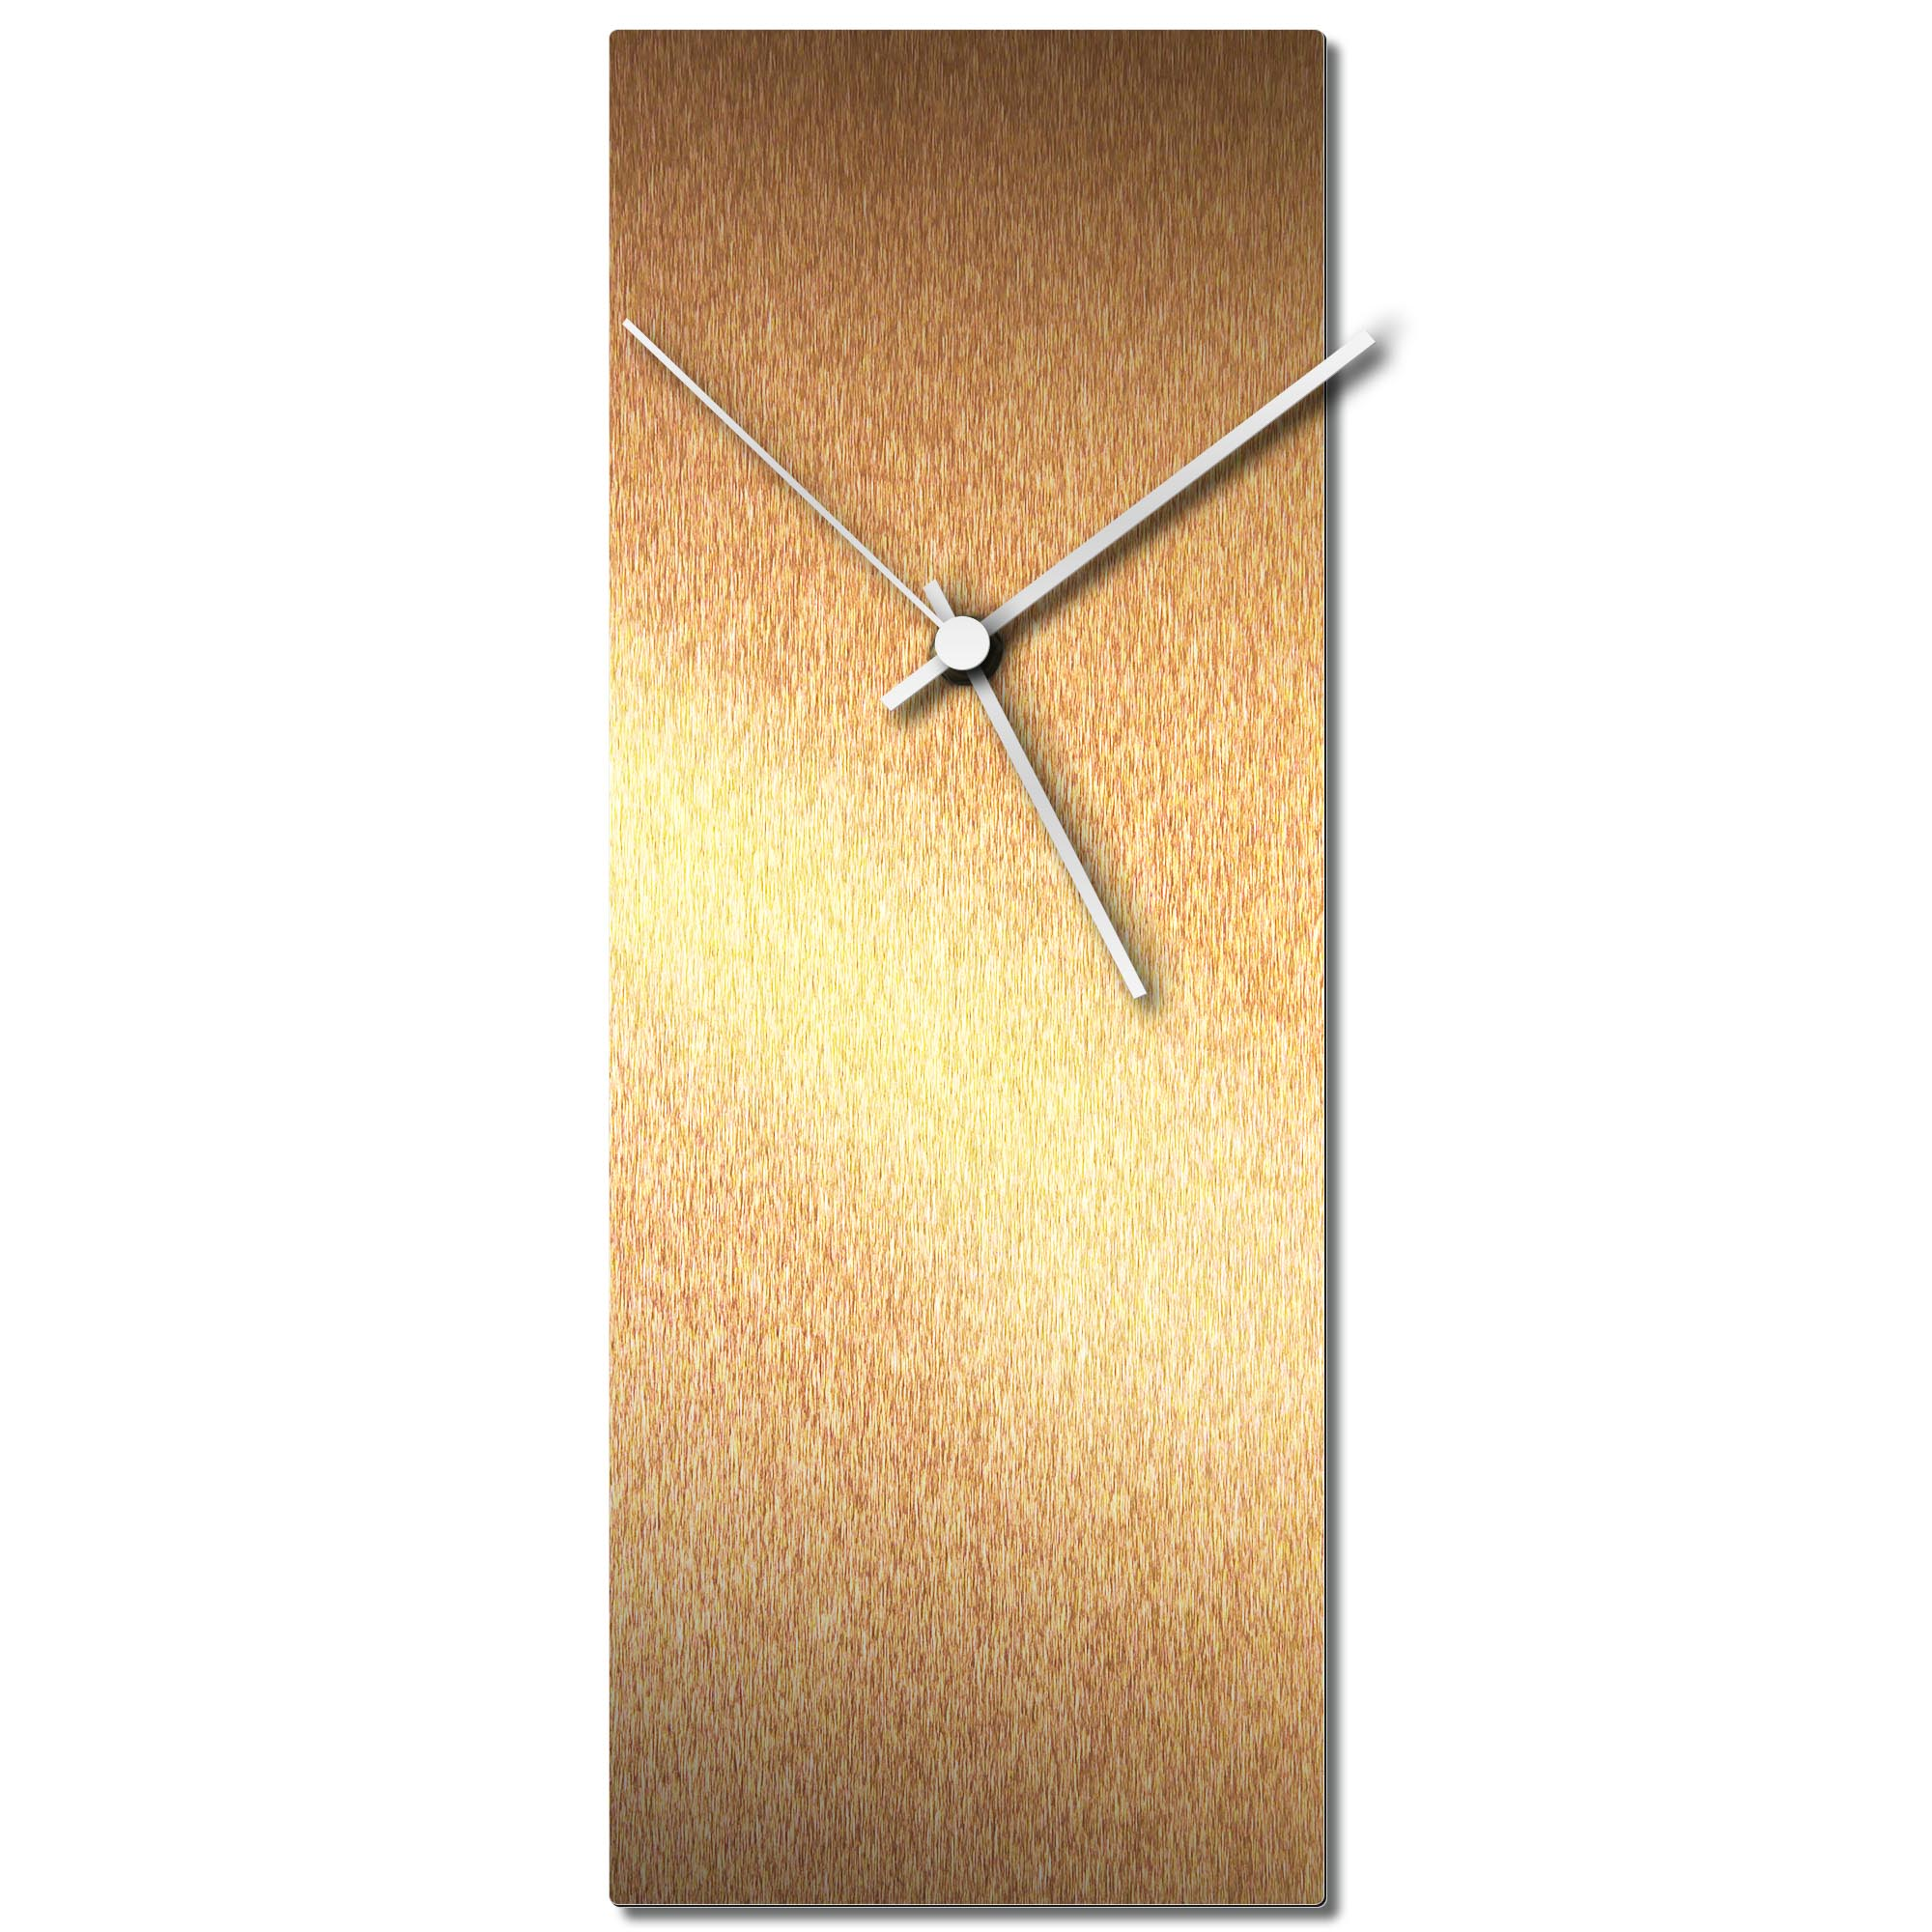 Adam Schwoeppe 'Bronzesmith Clock White' Midcentury Modern Style Wall Clock